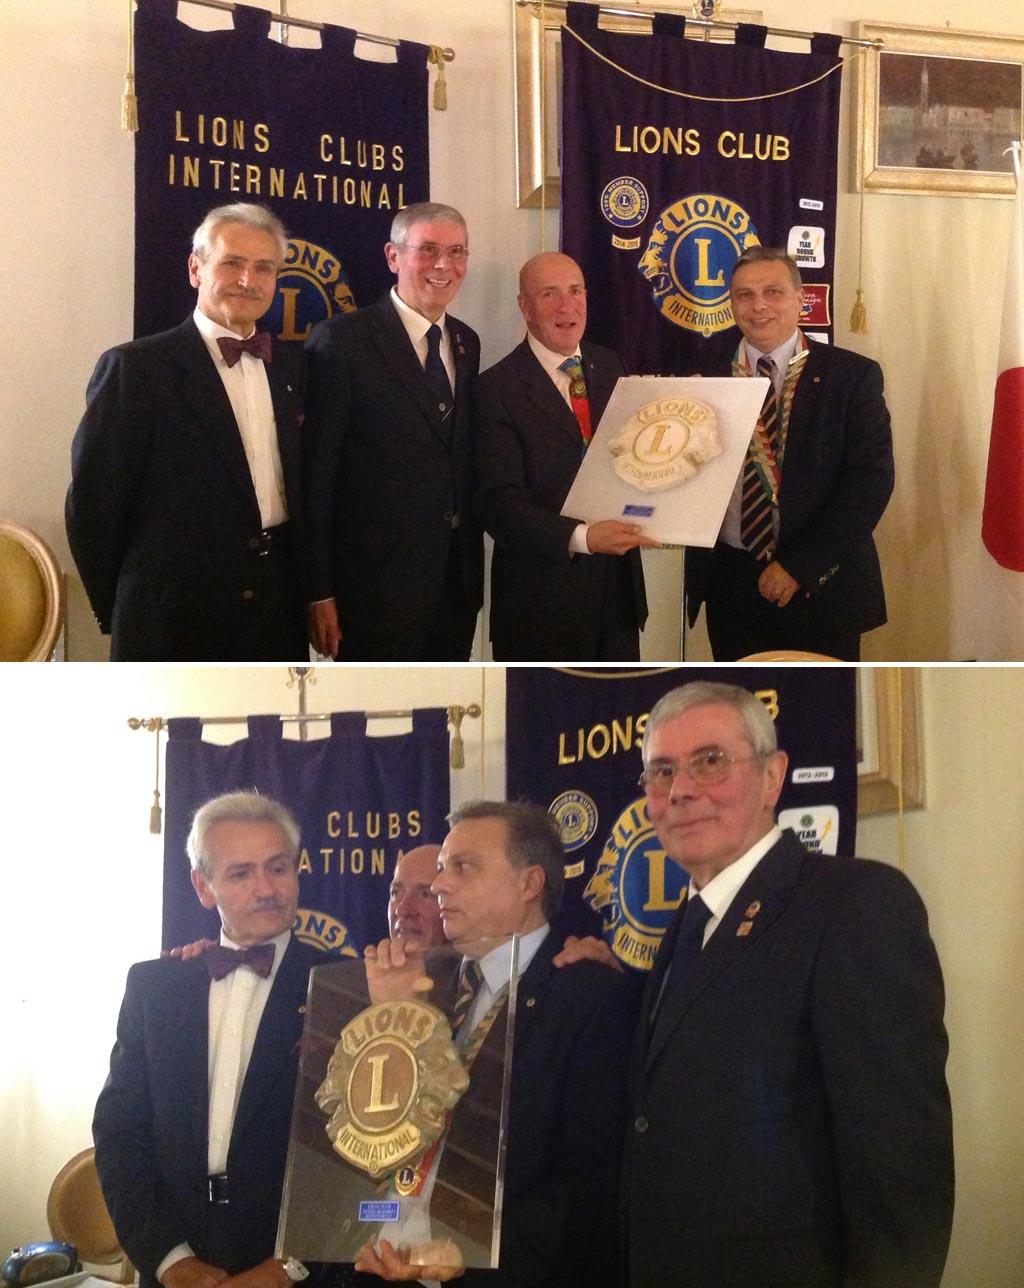 2015-10-17 Venezia Marghera apertura IMG 2115